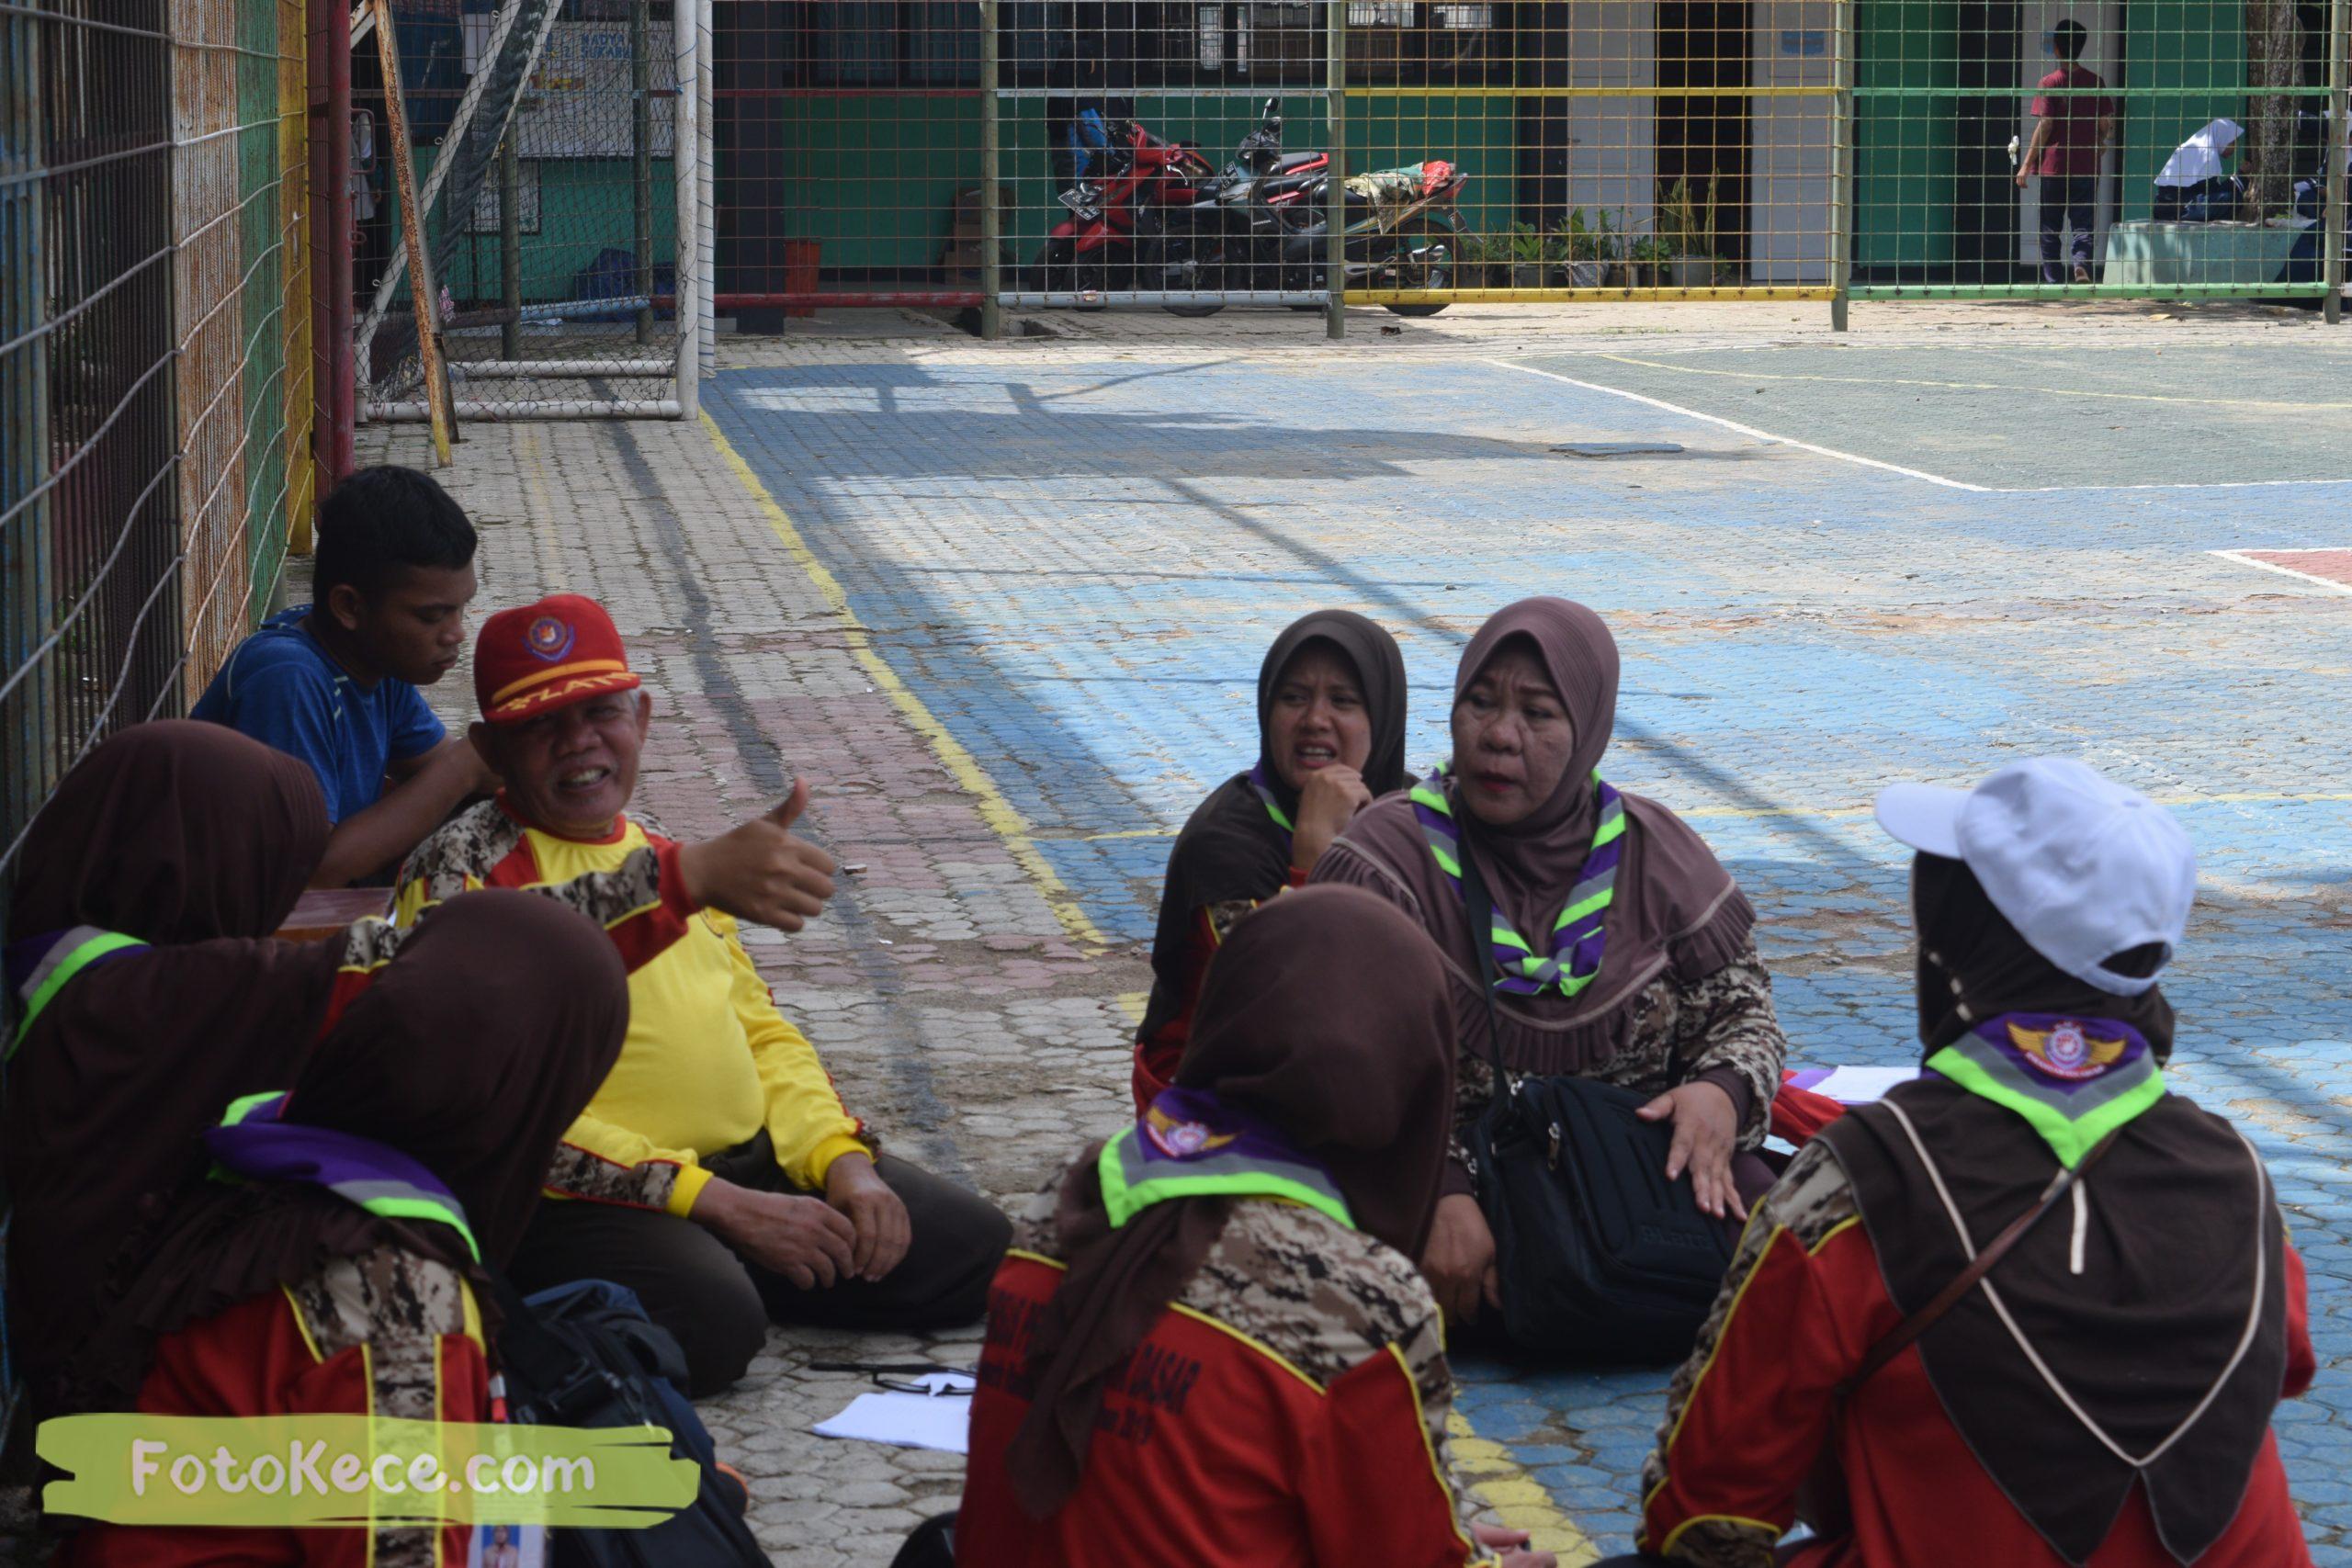 kehebohan pada kursus pembina mahir tingkat dasar kmd kwartir ranting surade 2019 fotokece Des 2019 84 scaled